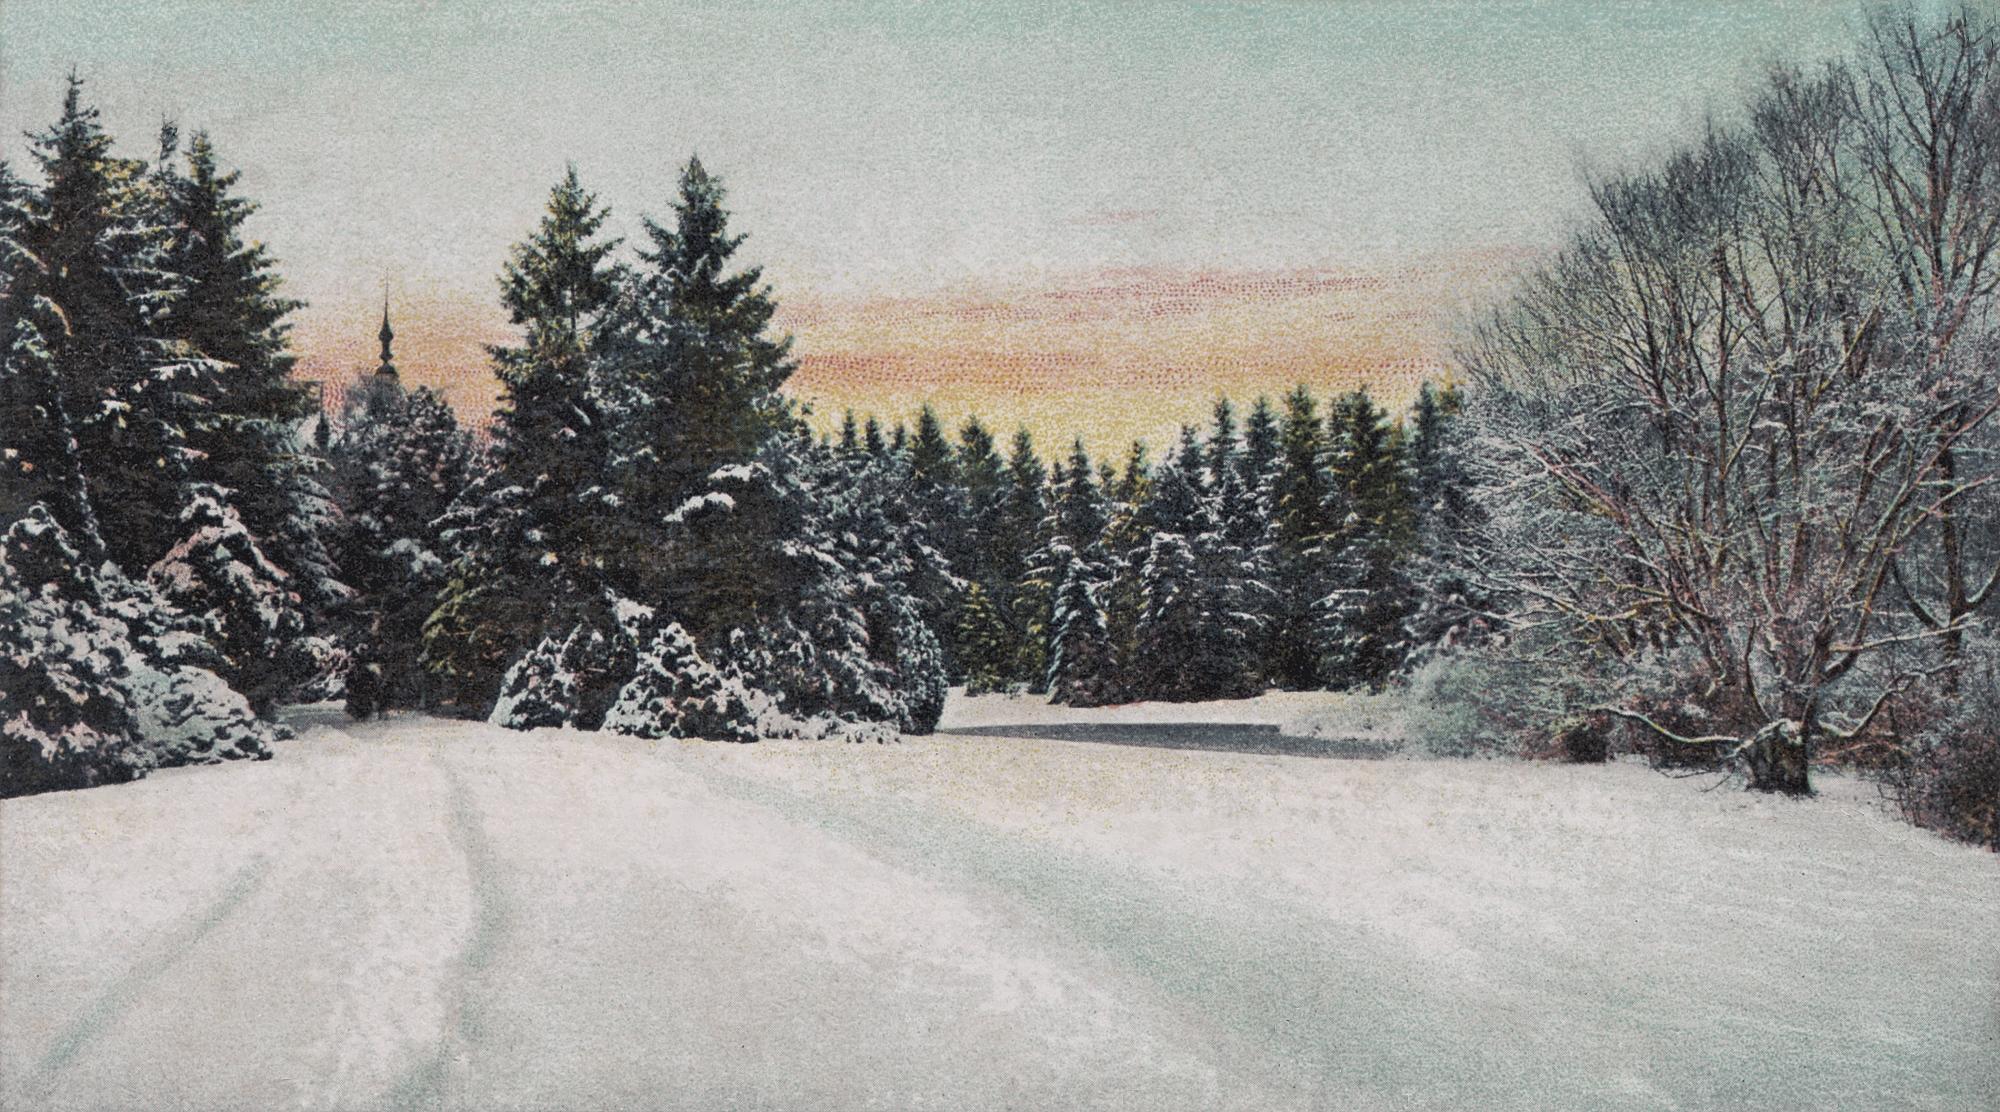 Nr.458 - Blick zum Parkhaus durch Tannen im Winter mit Schnee